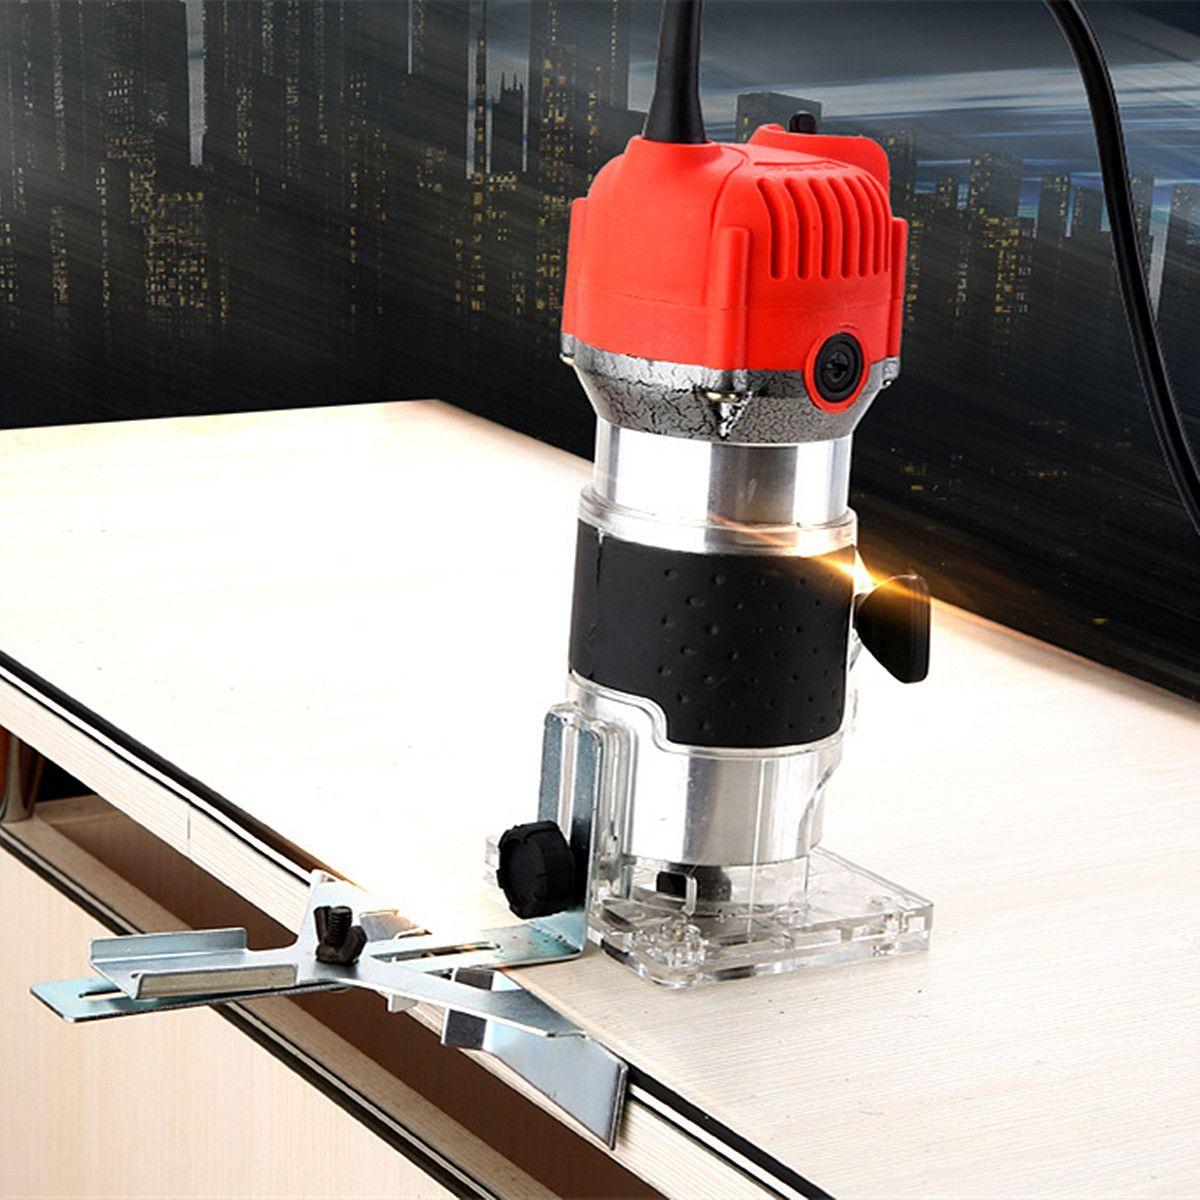 30000r/min Corded Elektrische Hand Trimmer Holz Laminator Router Pvc-h-streifen Schreiner Werkzeuge 110 V 750 W 1/4 60 HZ externe Carbon Pinsel Lift Knopf